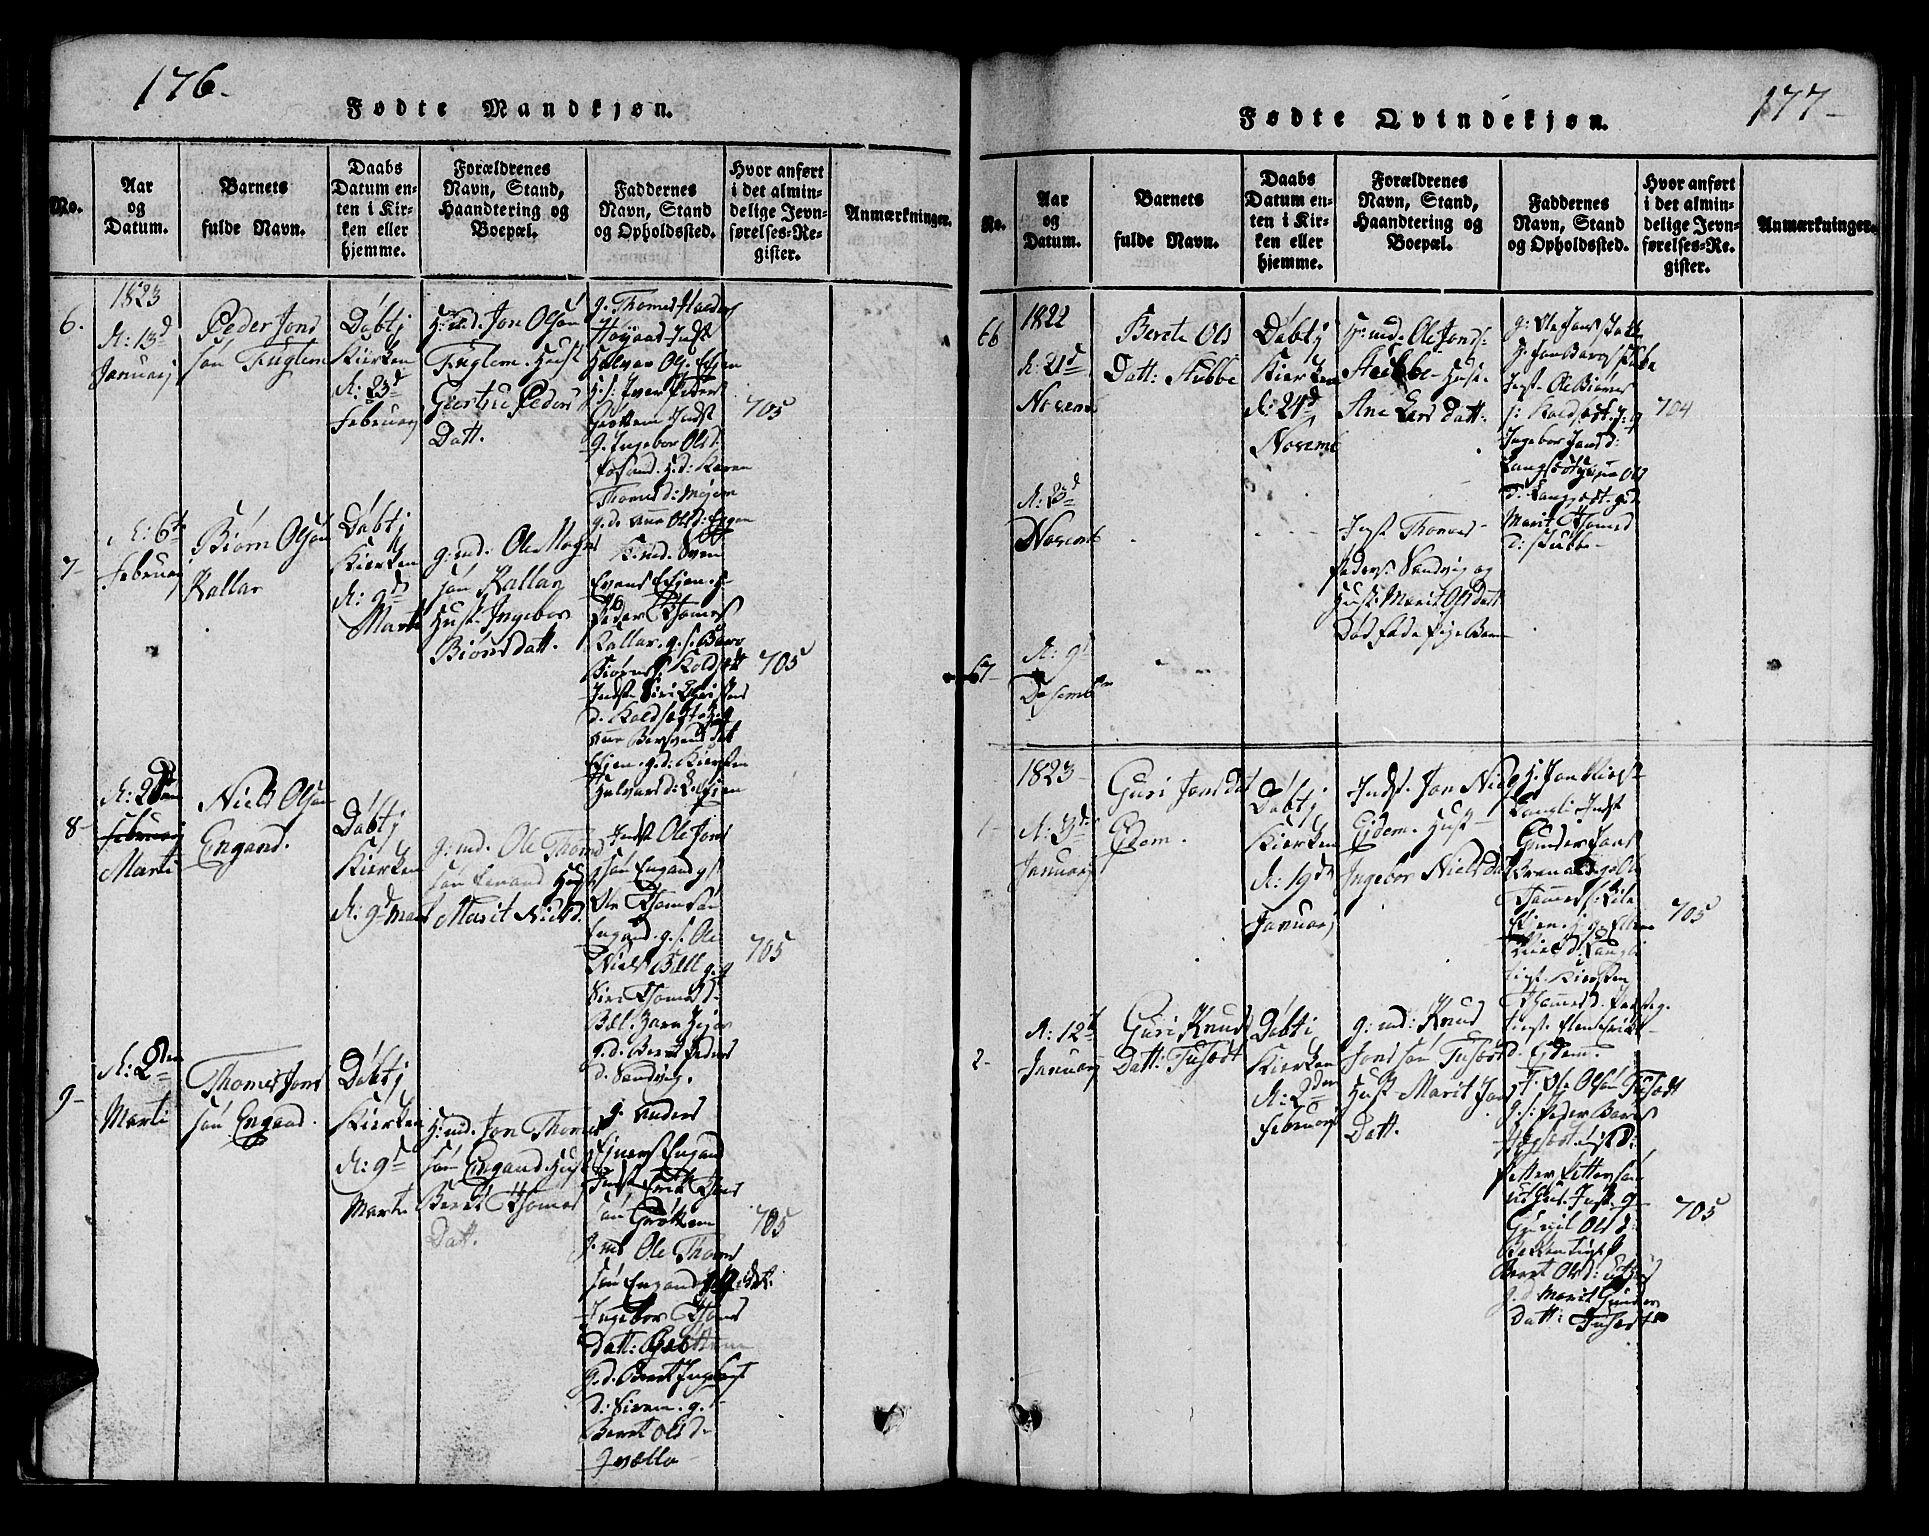 SAT, Ministerialprotokoller, klokkerbøker og fødselsregistre - Sør-Trøndelag, 695/L1152: Klokkerbok nr. 695C03, 1816-1831, s. 176-177